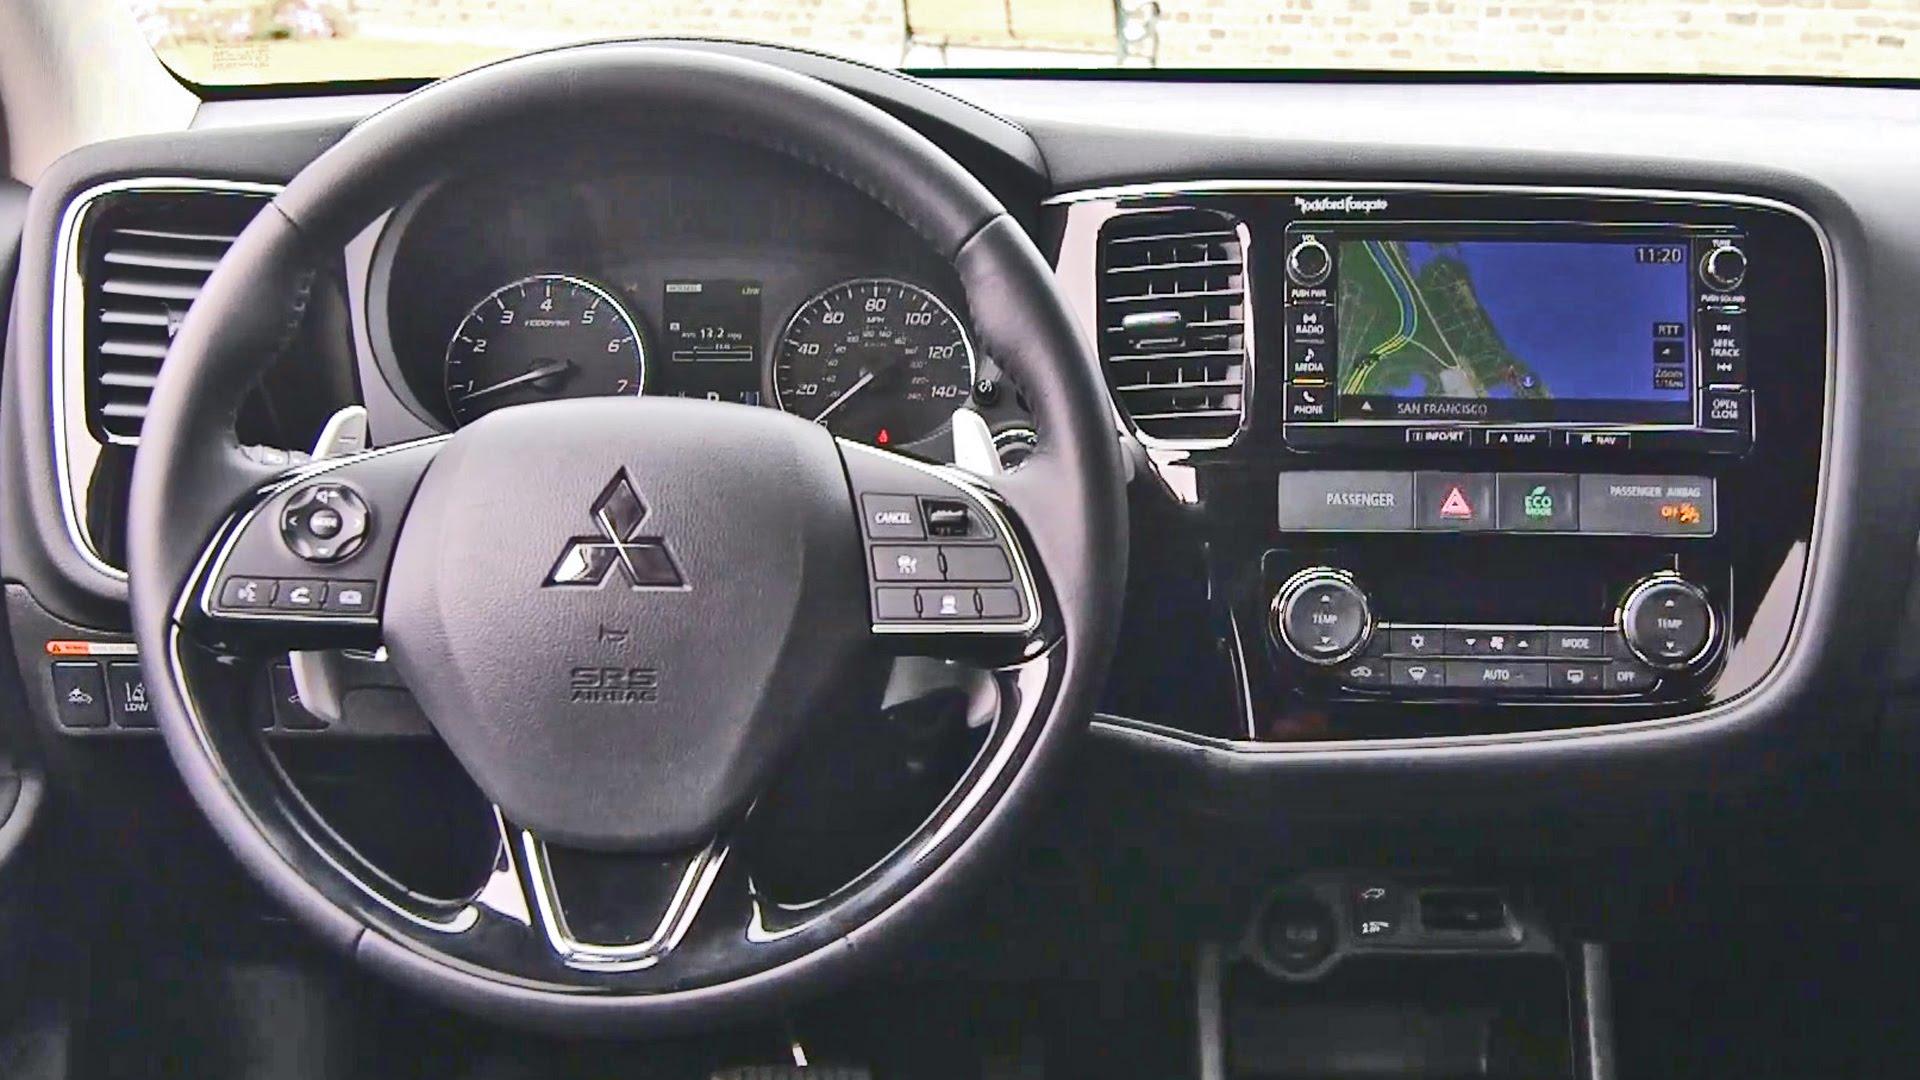 Xe Mitsubishi OutLander 2017 tiện nghi và phong cách